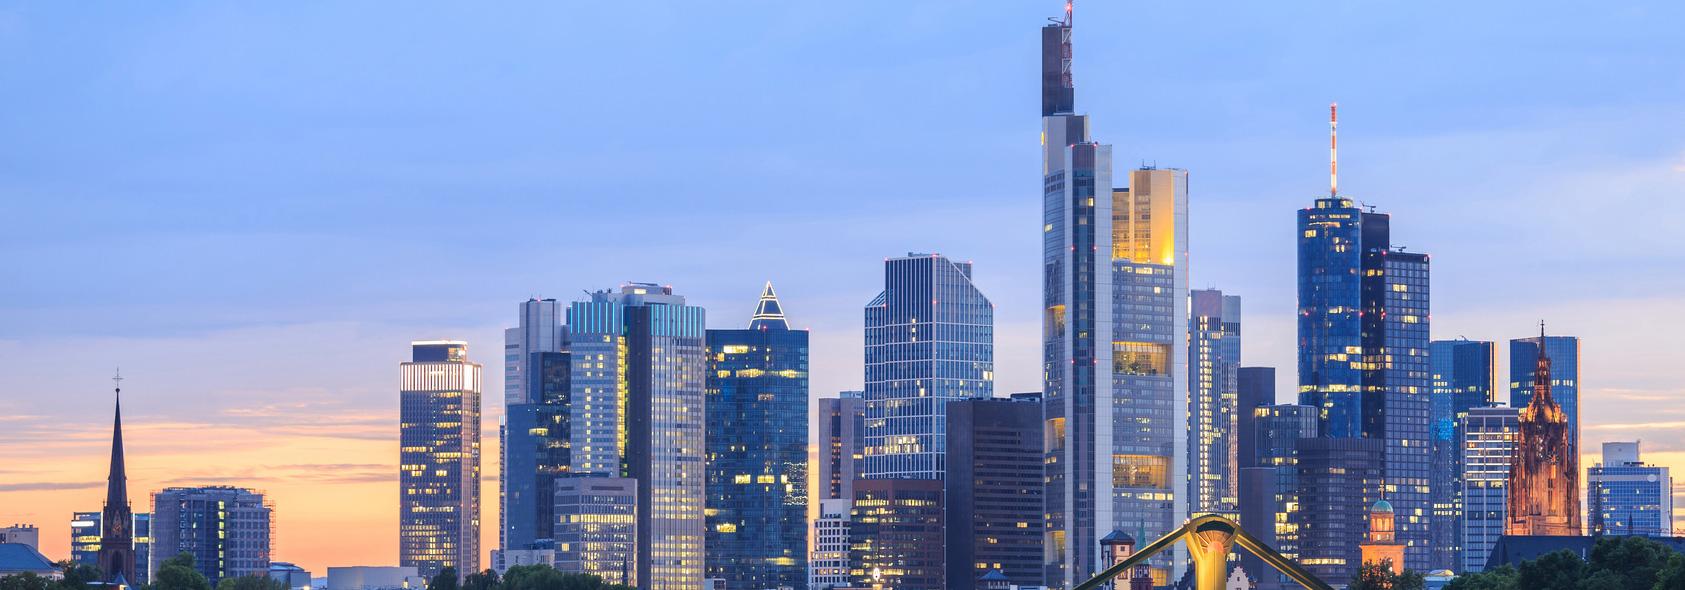 Banken-Skyline-Frankfurt-Home-103841327